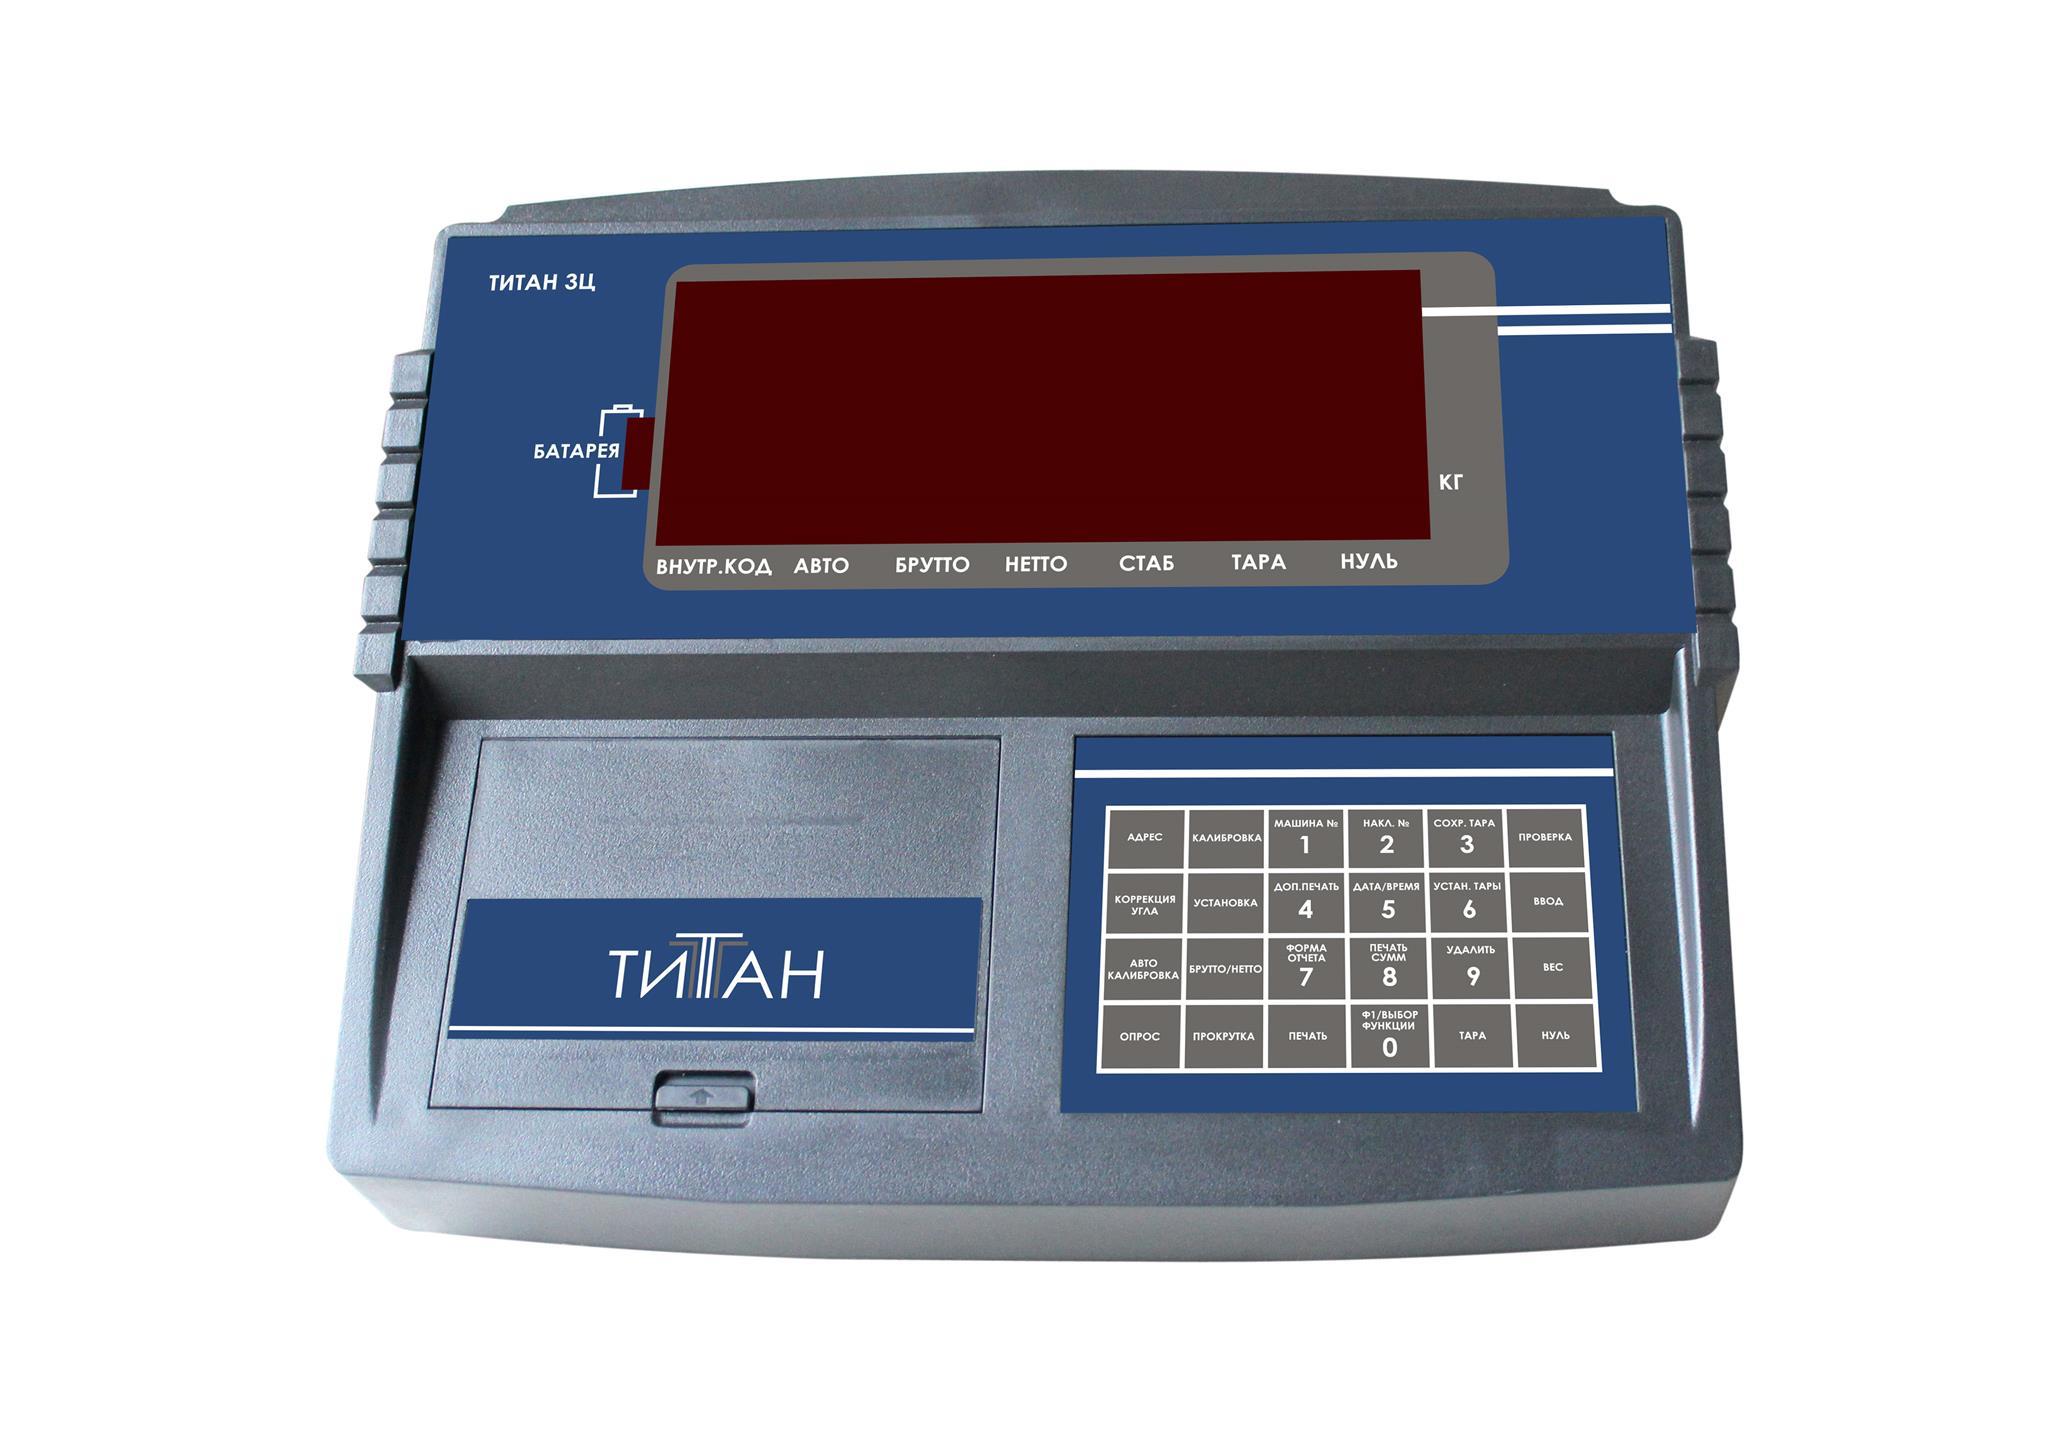 ZEMIC,Весовой индикатор для цифровых датчиков ТИТАН 3Ц